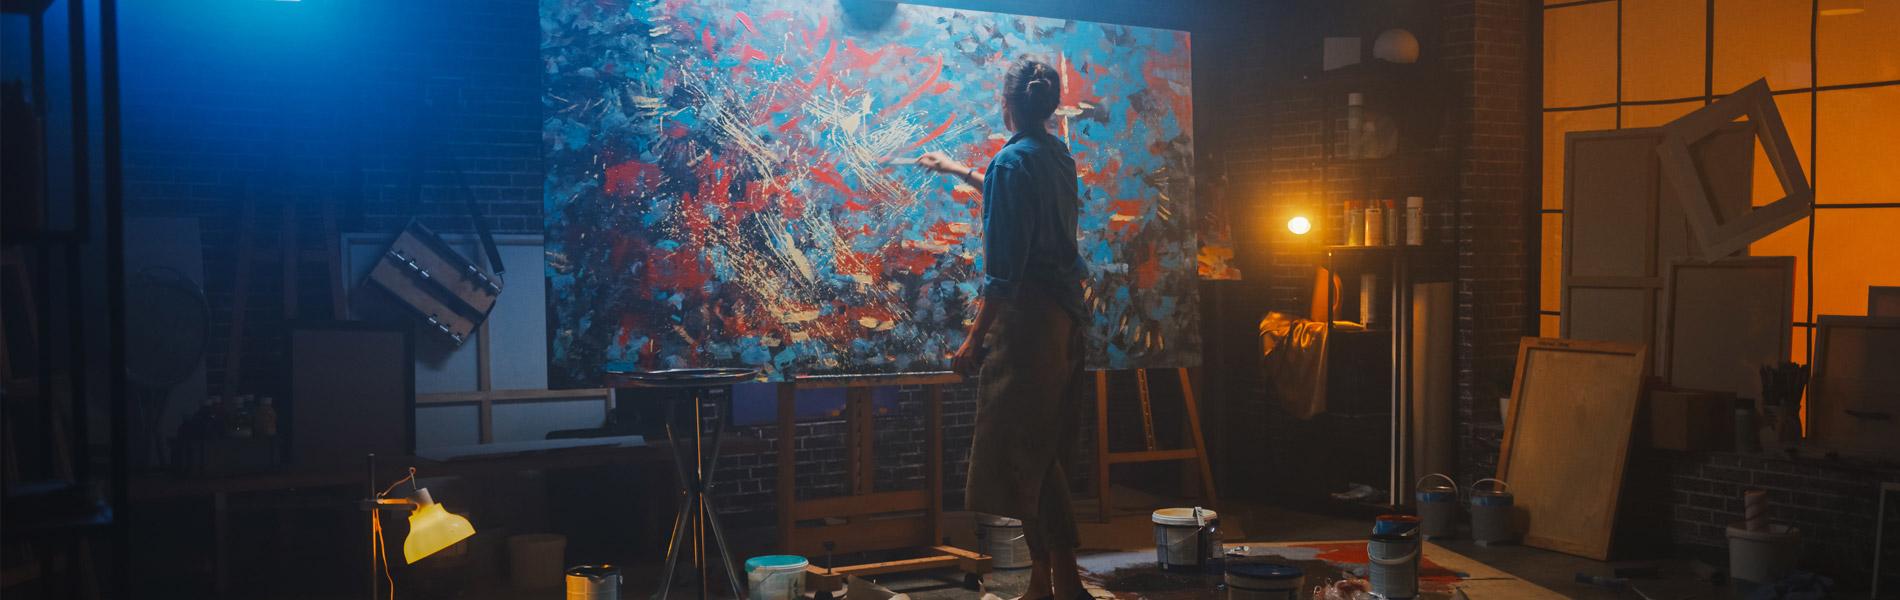 Vendre tableau peinture en ligne